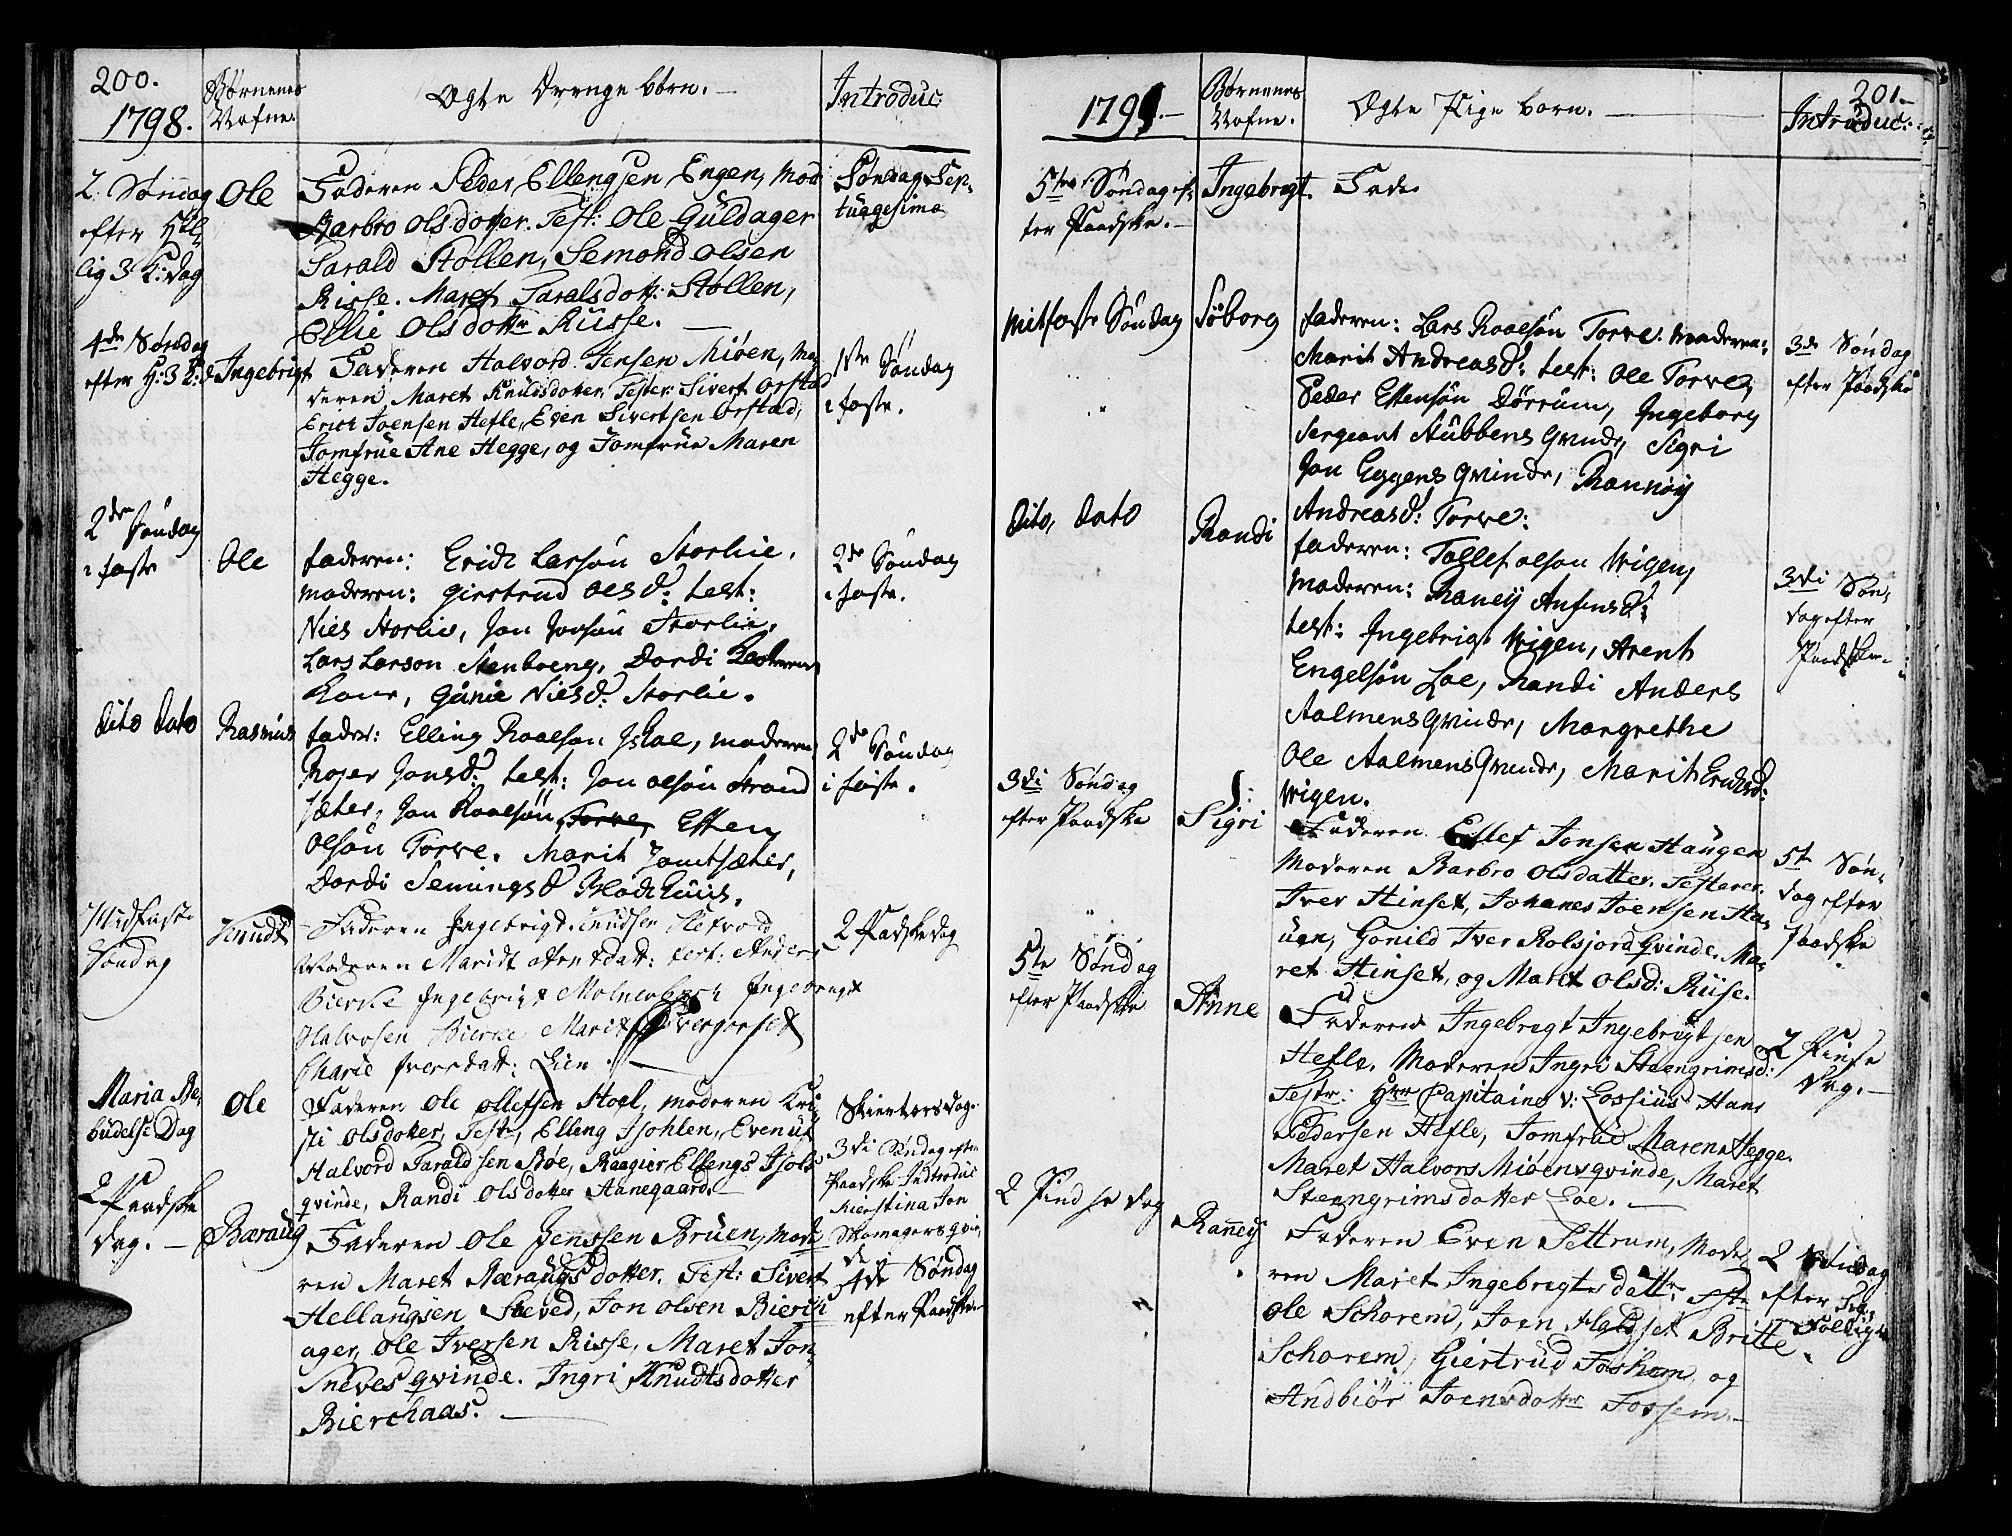 SAT, Ministerialprotokoller, klokkerbøker og fødselsregistre - Sør-Trøndelag, 678/L0893: Ministerialbok nr. 678A03, 1792-1805, s. 200-201